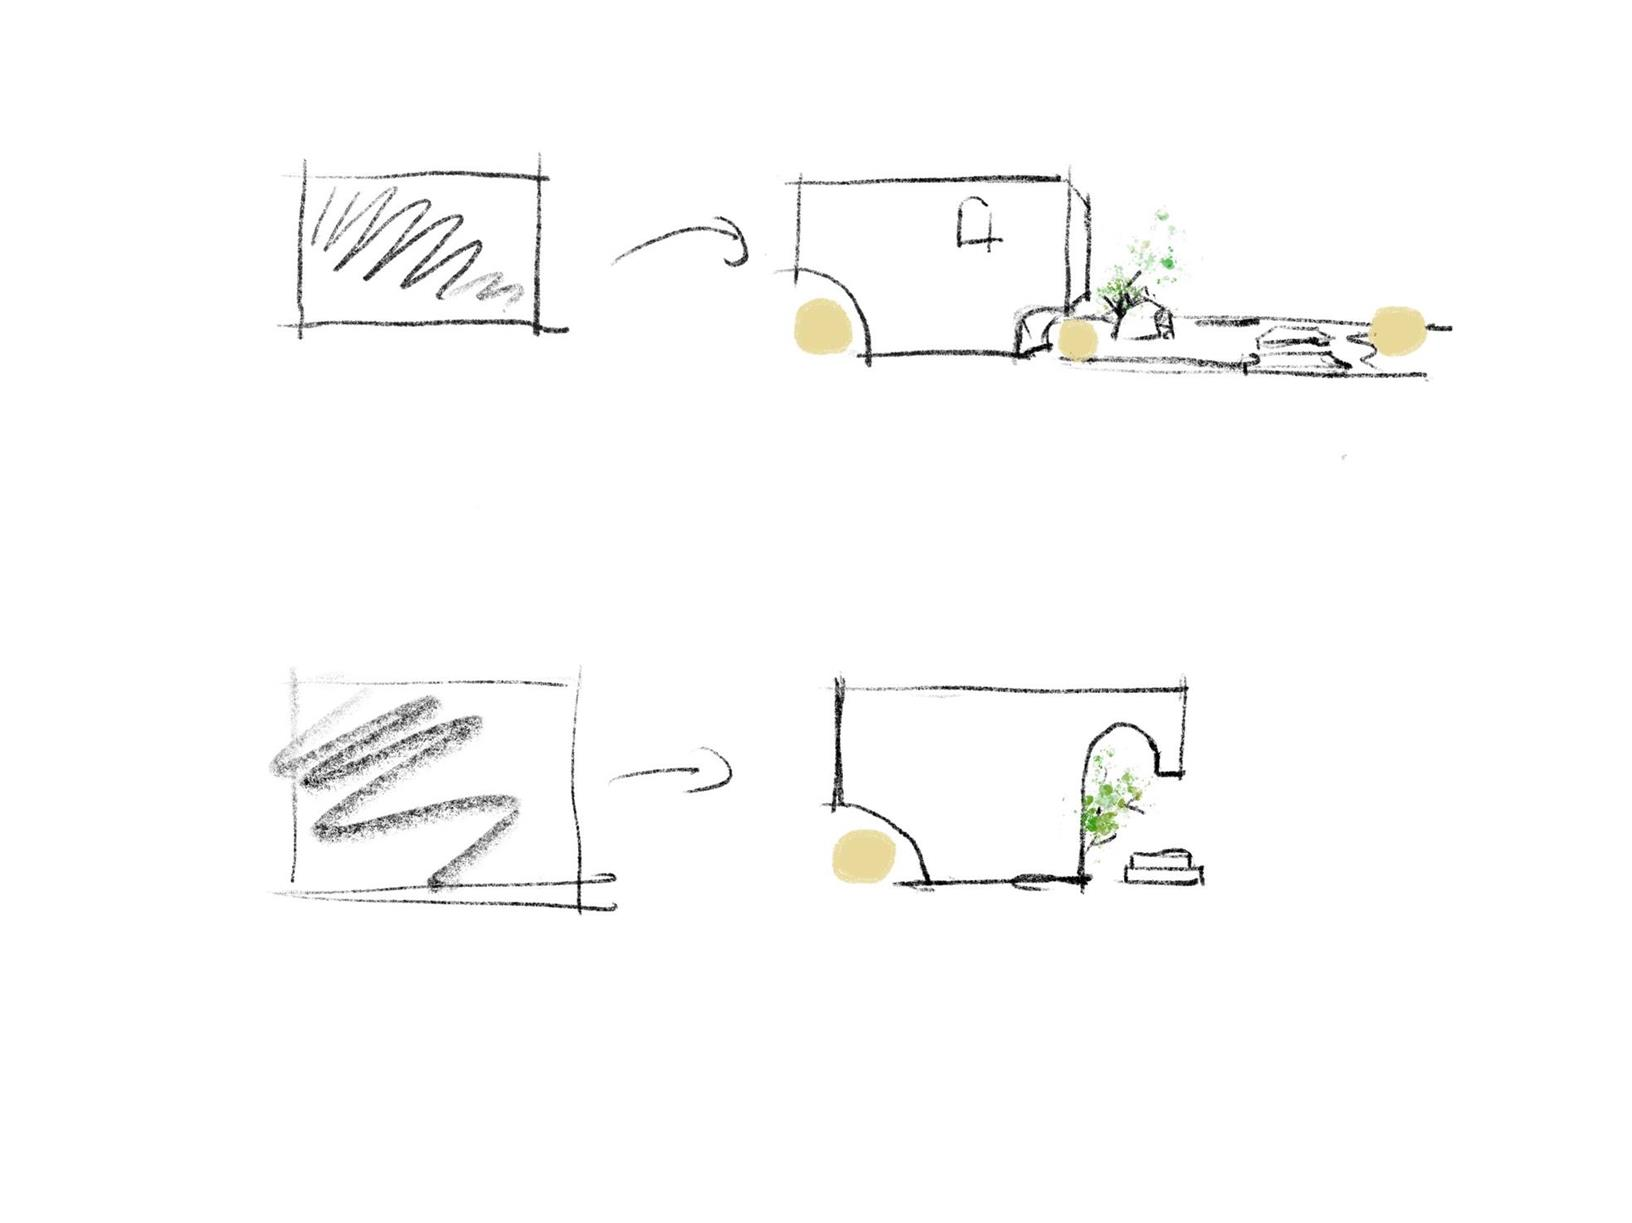 服装店设计概念草图